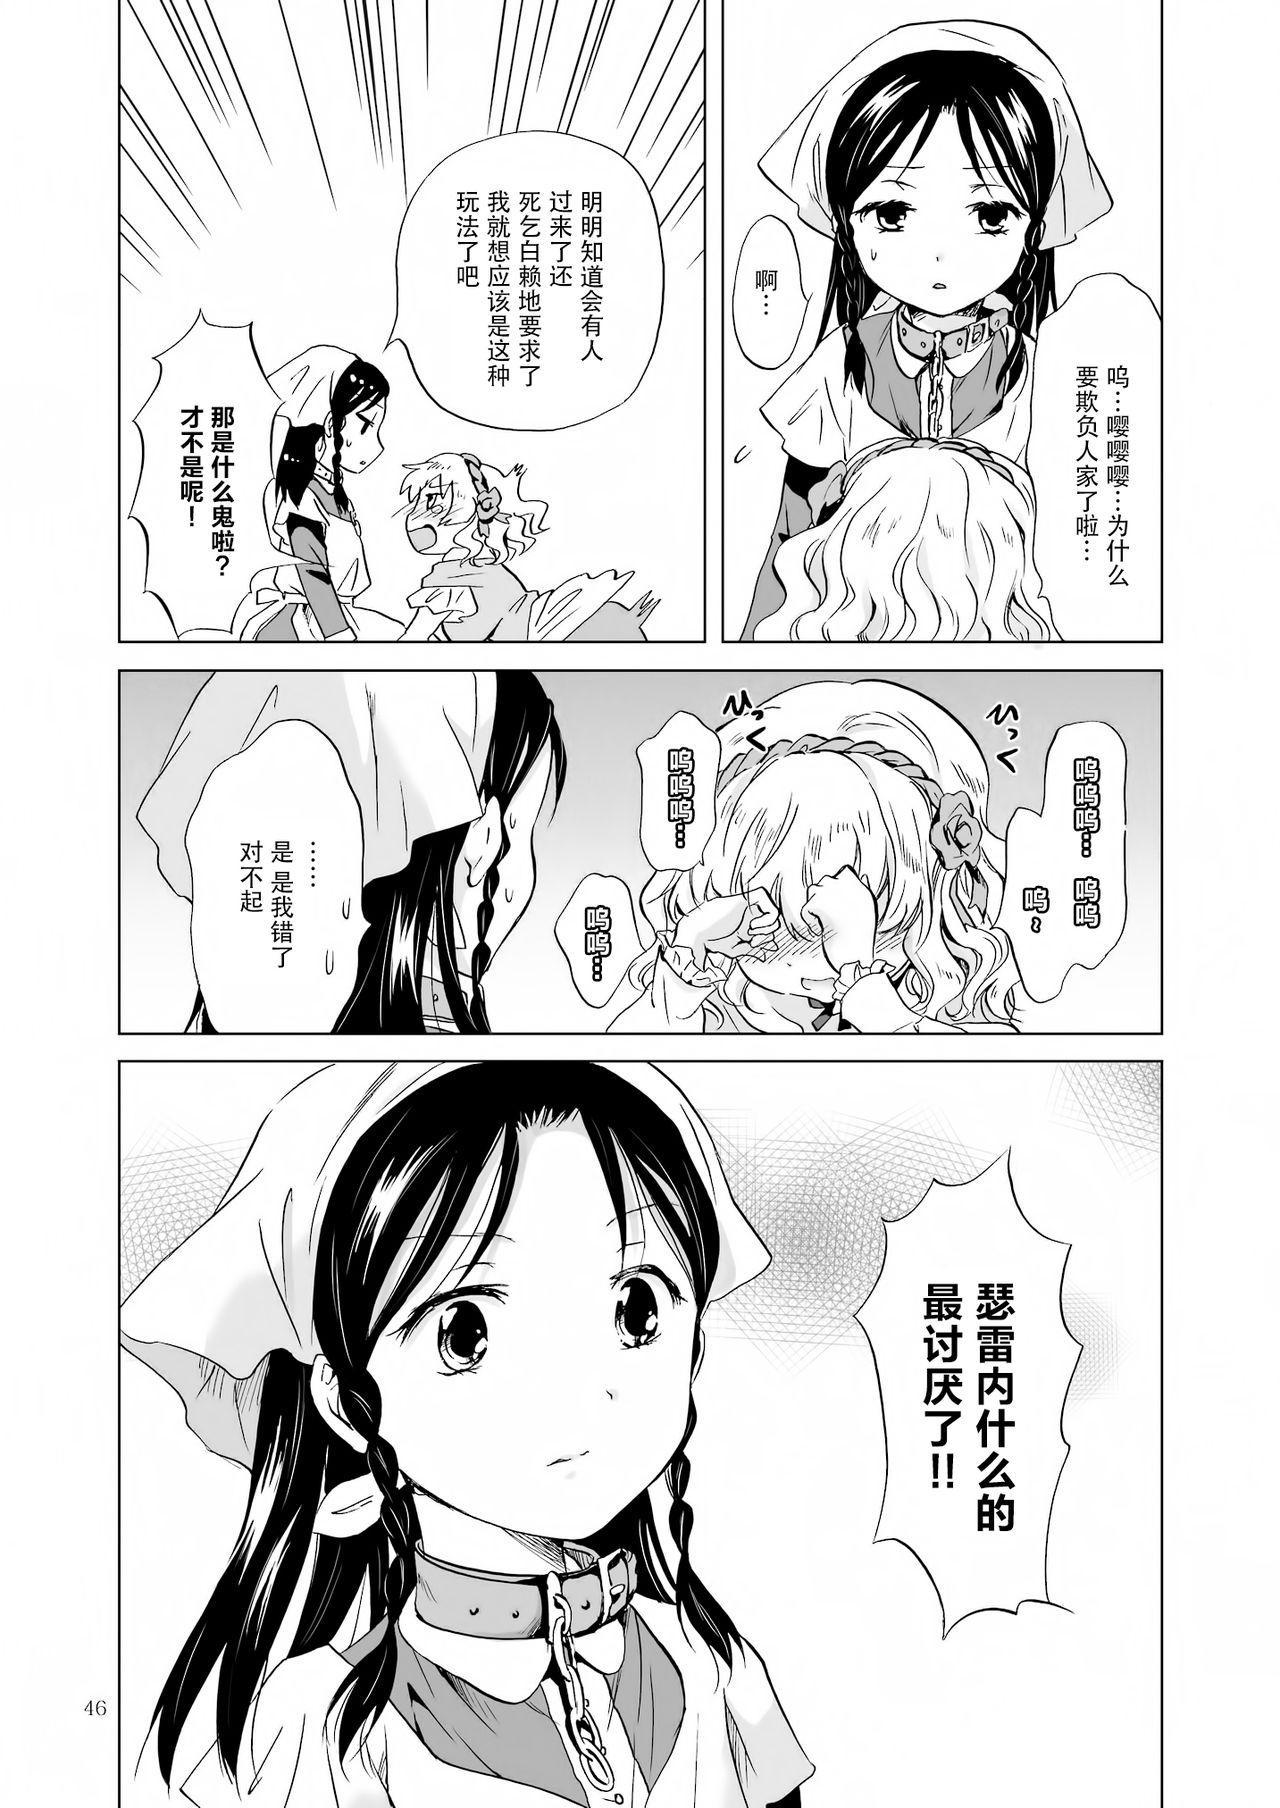 [peachpulsar (Mira)] Hime-sama to Dorei-chan [Chinese] [脸肿汉化组] [Digital] 45